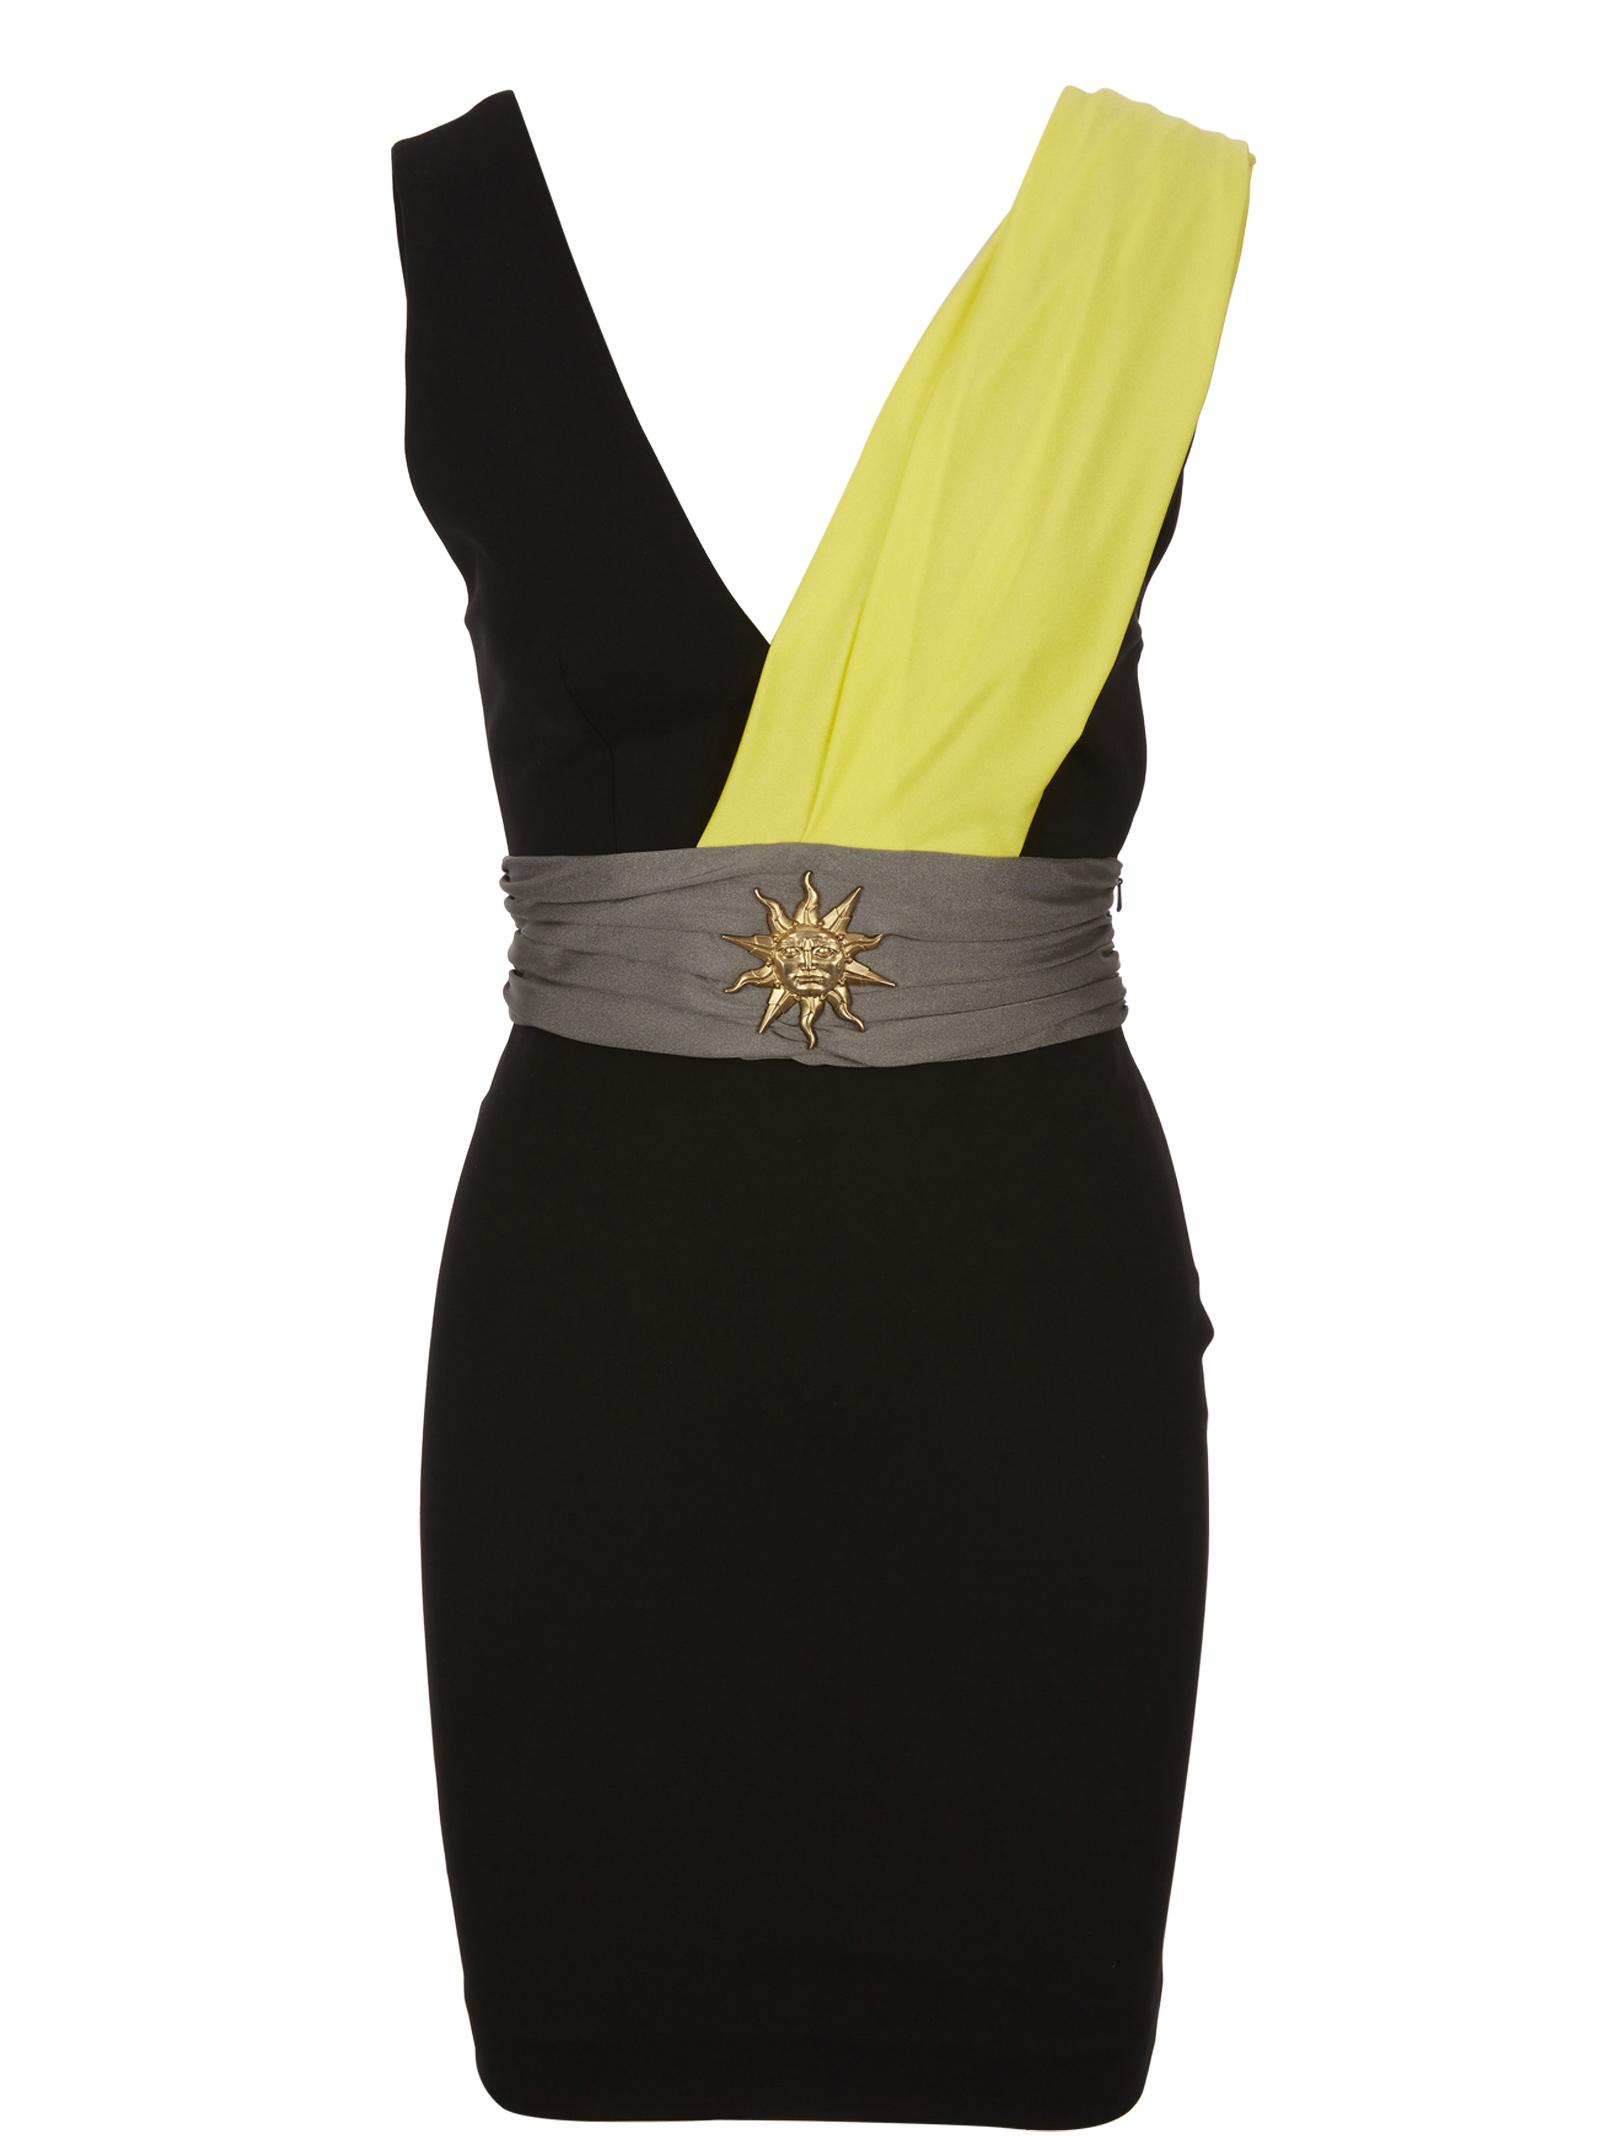 Fausto Puglisi dress